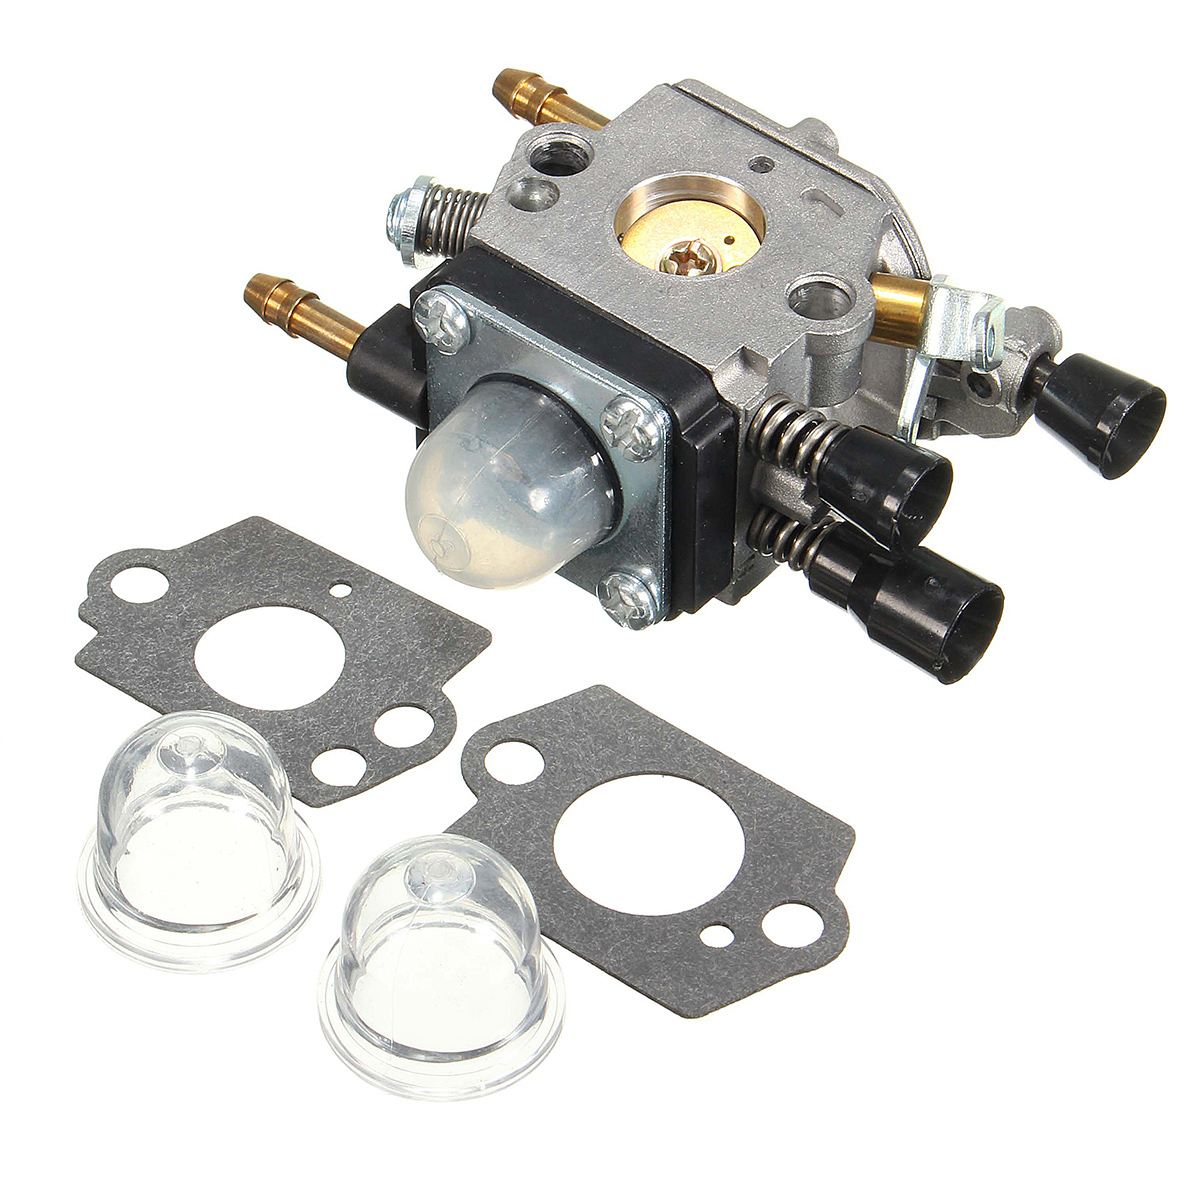 10pcs Fuel Filter For Stihl BG45 BG46 BG55 BG56 BG66 BG72 BG86 Leaf Blowers USA